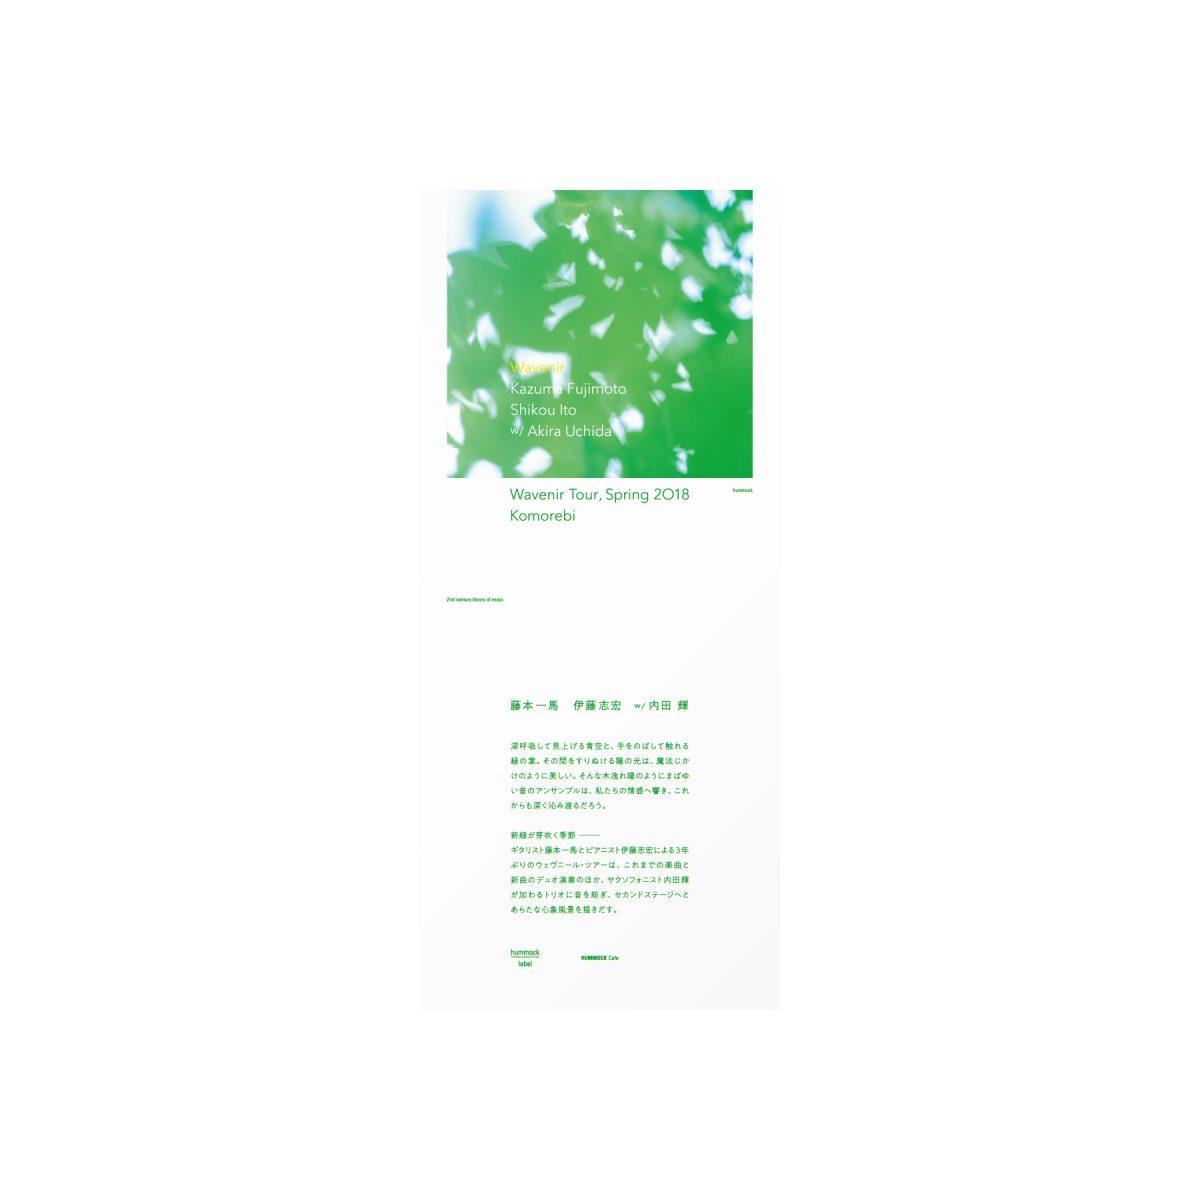 Wavenir Tour, Spring 2O18 Komorebi|Kazuma Fujimoto - Shikou Ito -  w/ Akira Uchida